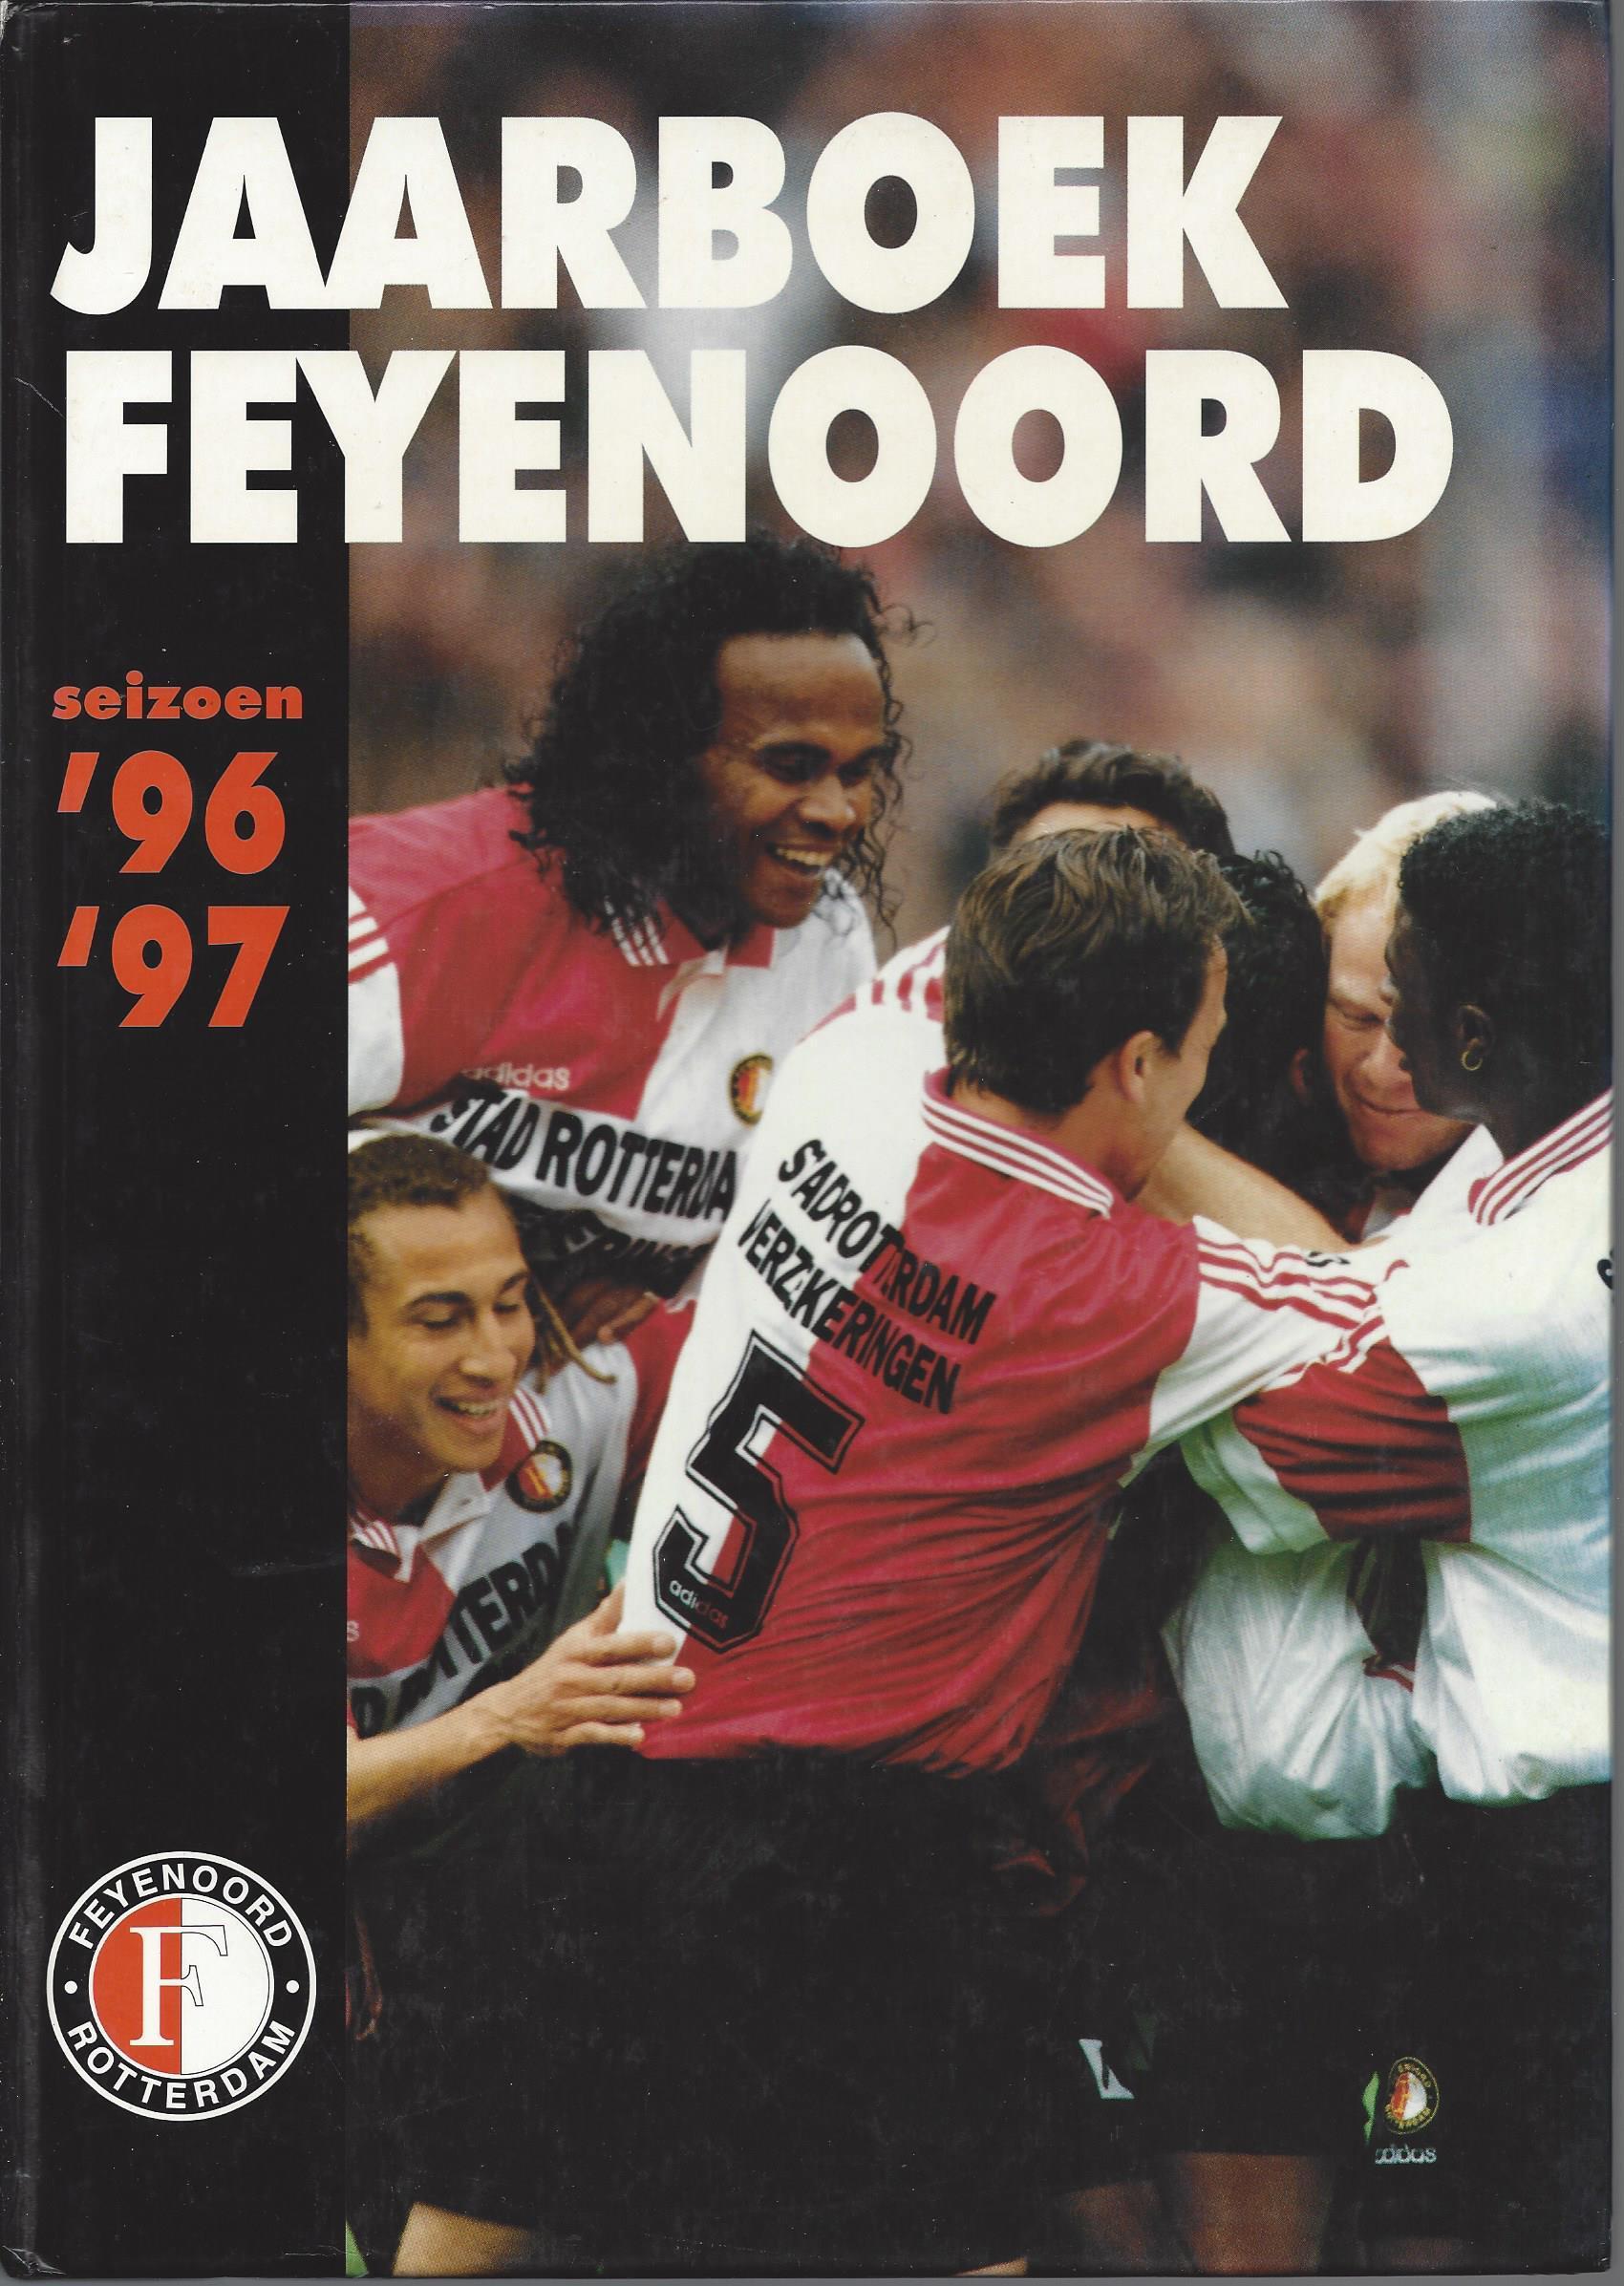 Feyenoord jaarboek seizoen 96-97